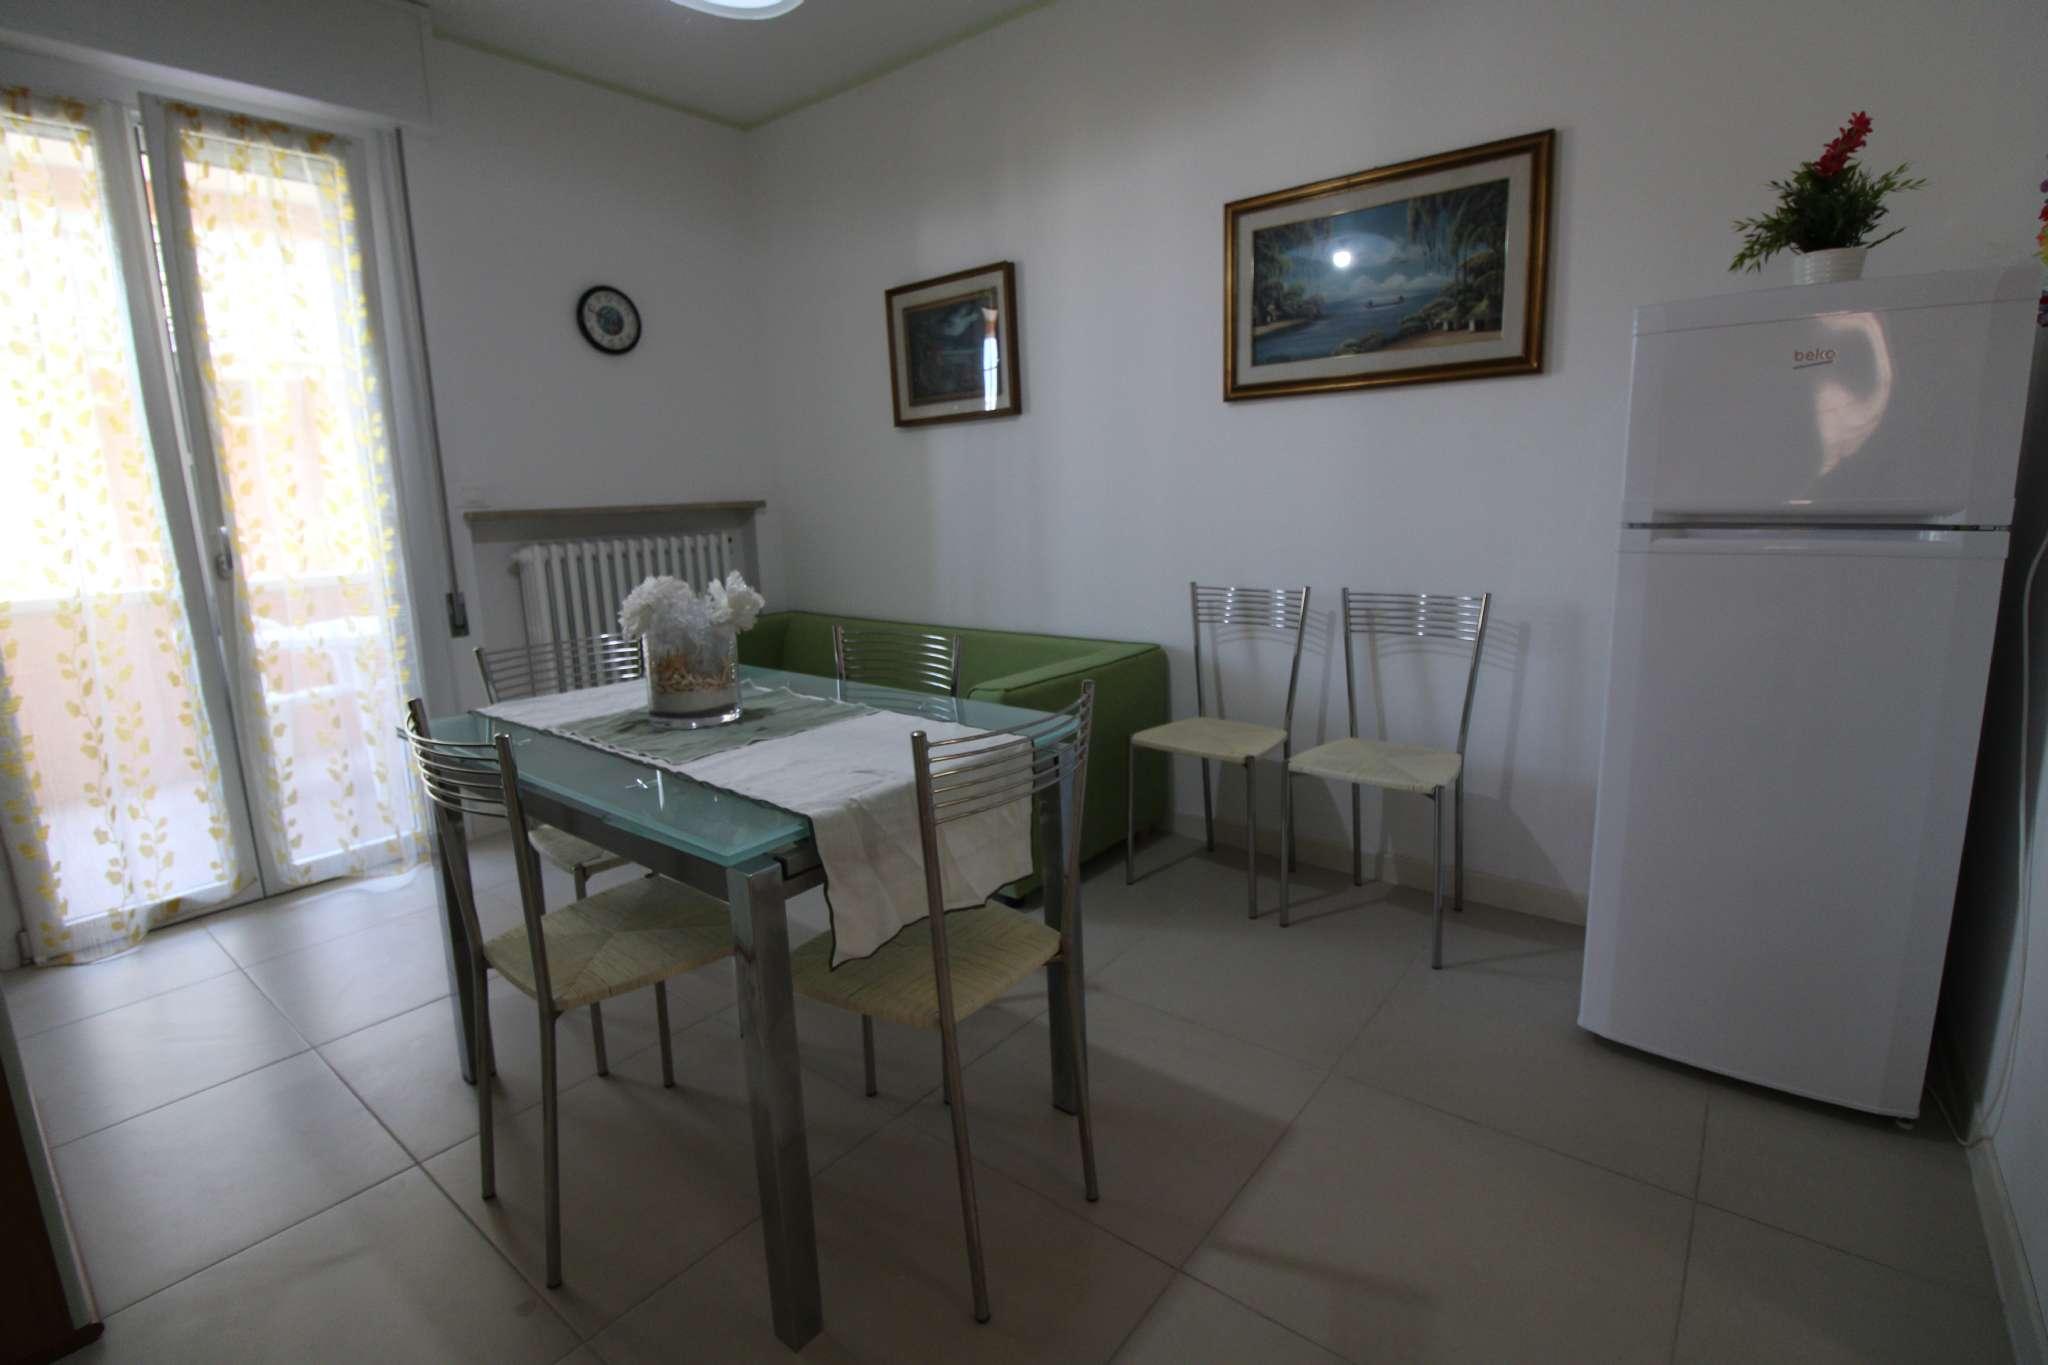 Appartamento in vendita a San Mauro Pascoli, 3 locali, prezzo € 157.000 | PortaleAgenzieImmobiliari.it